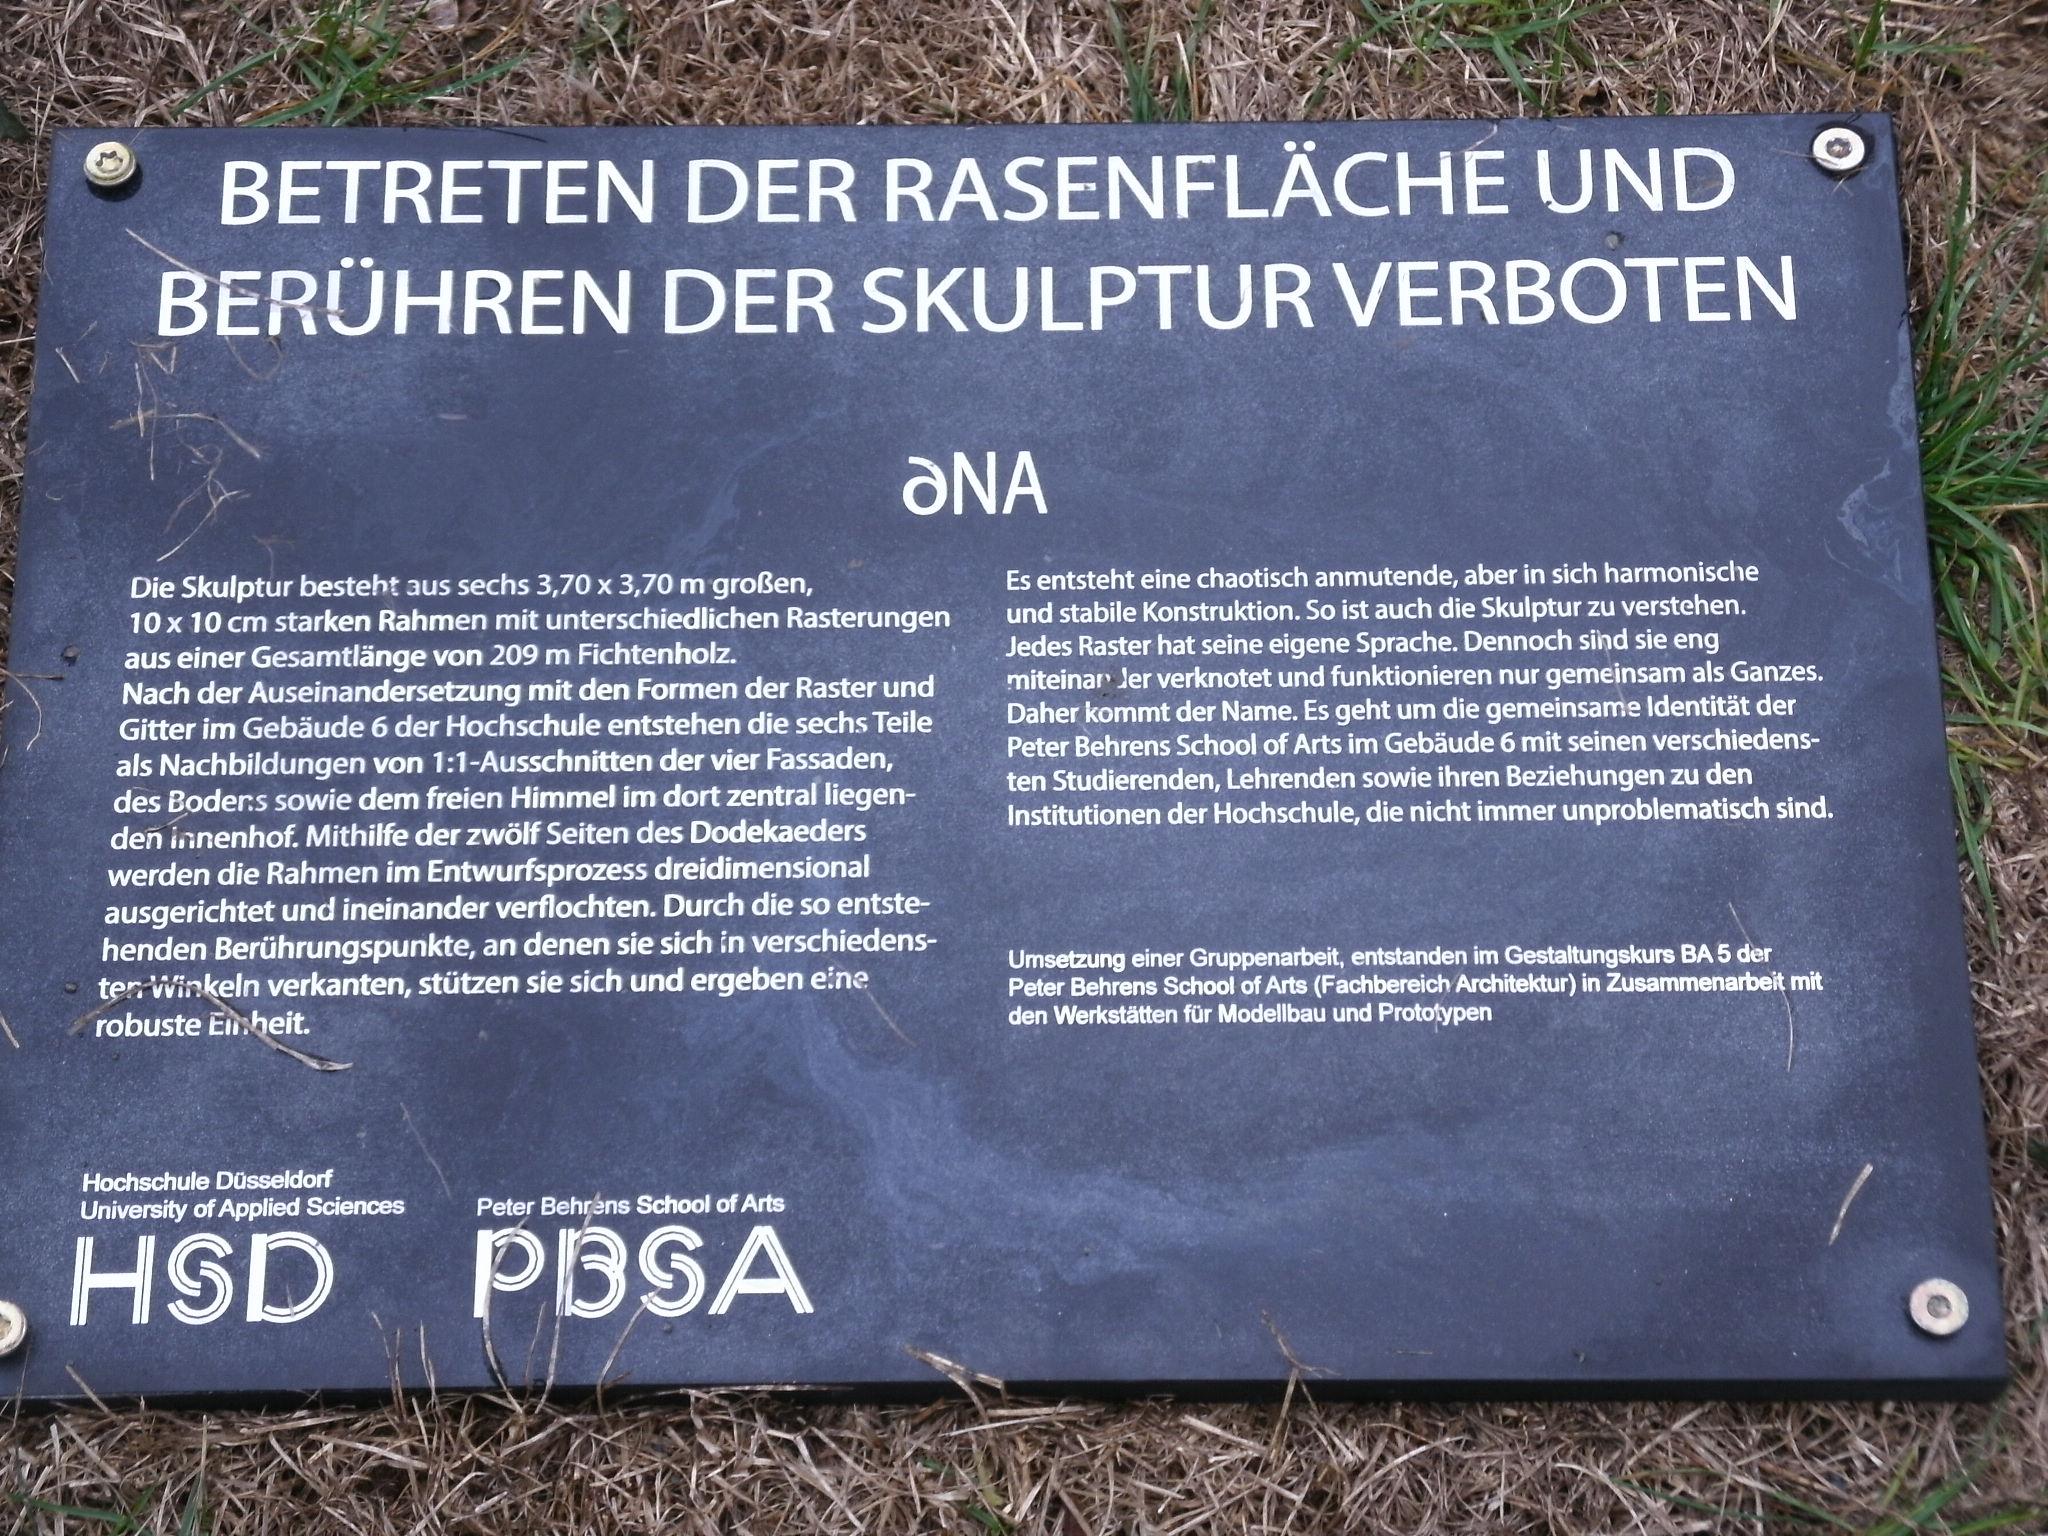 Bild: https://abload.de/img/weitere190126205mkpy.jpg